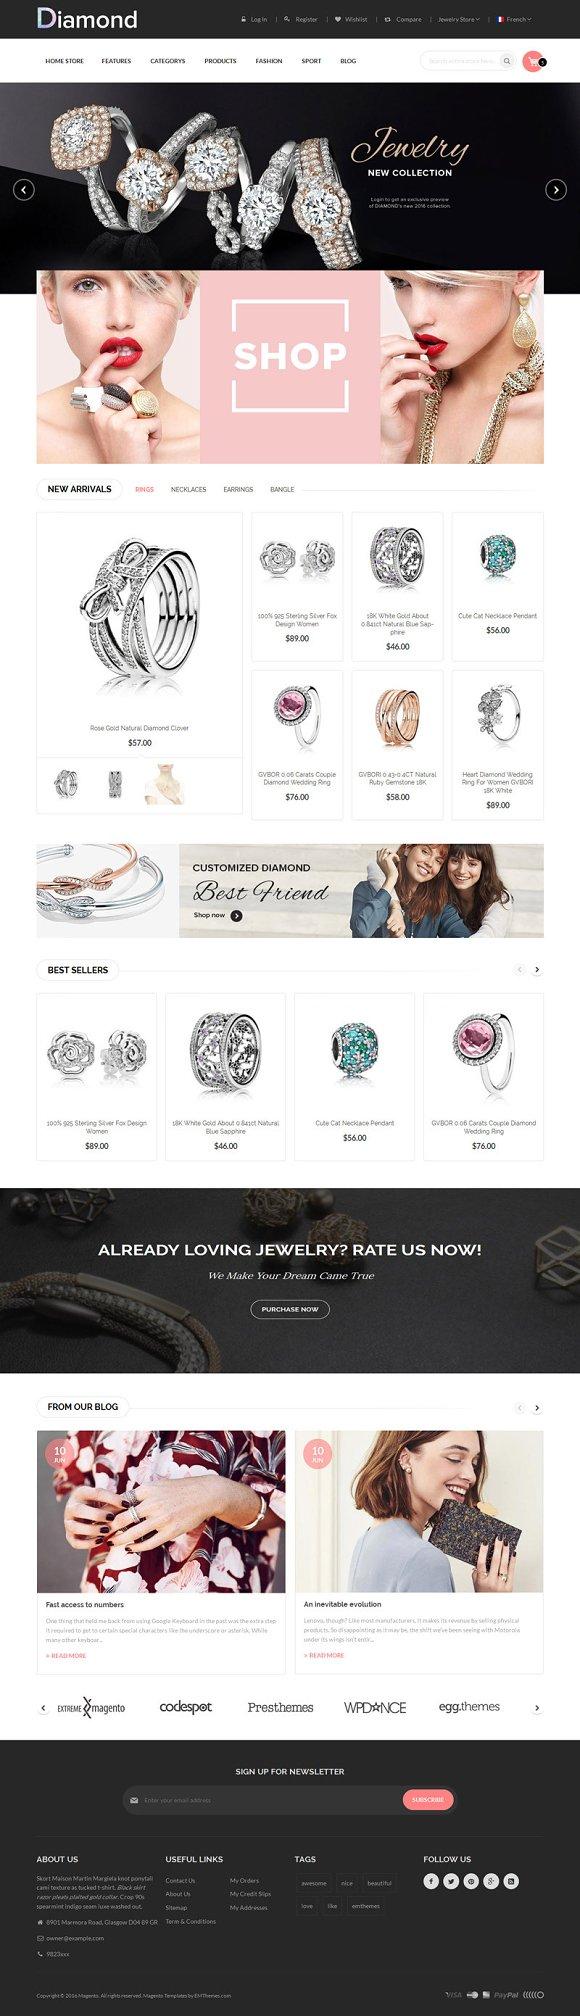 Diamond Store Magento1 2 Theme